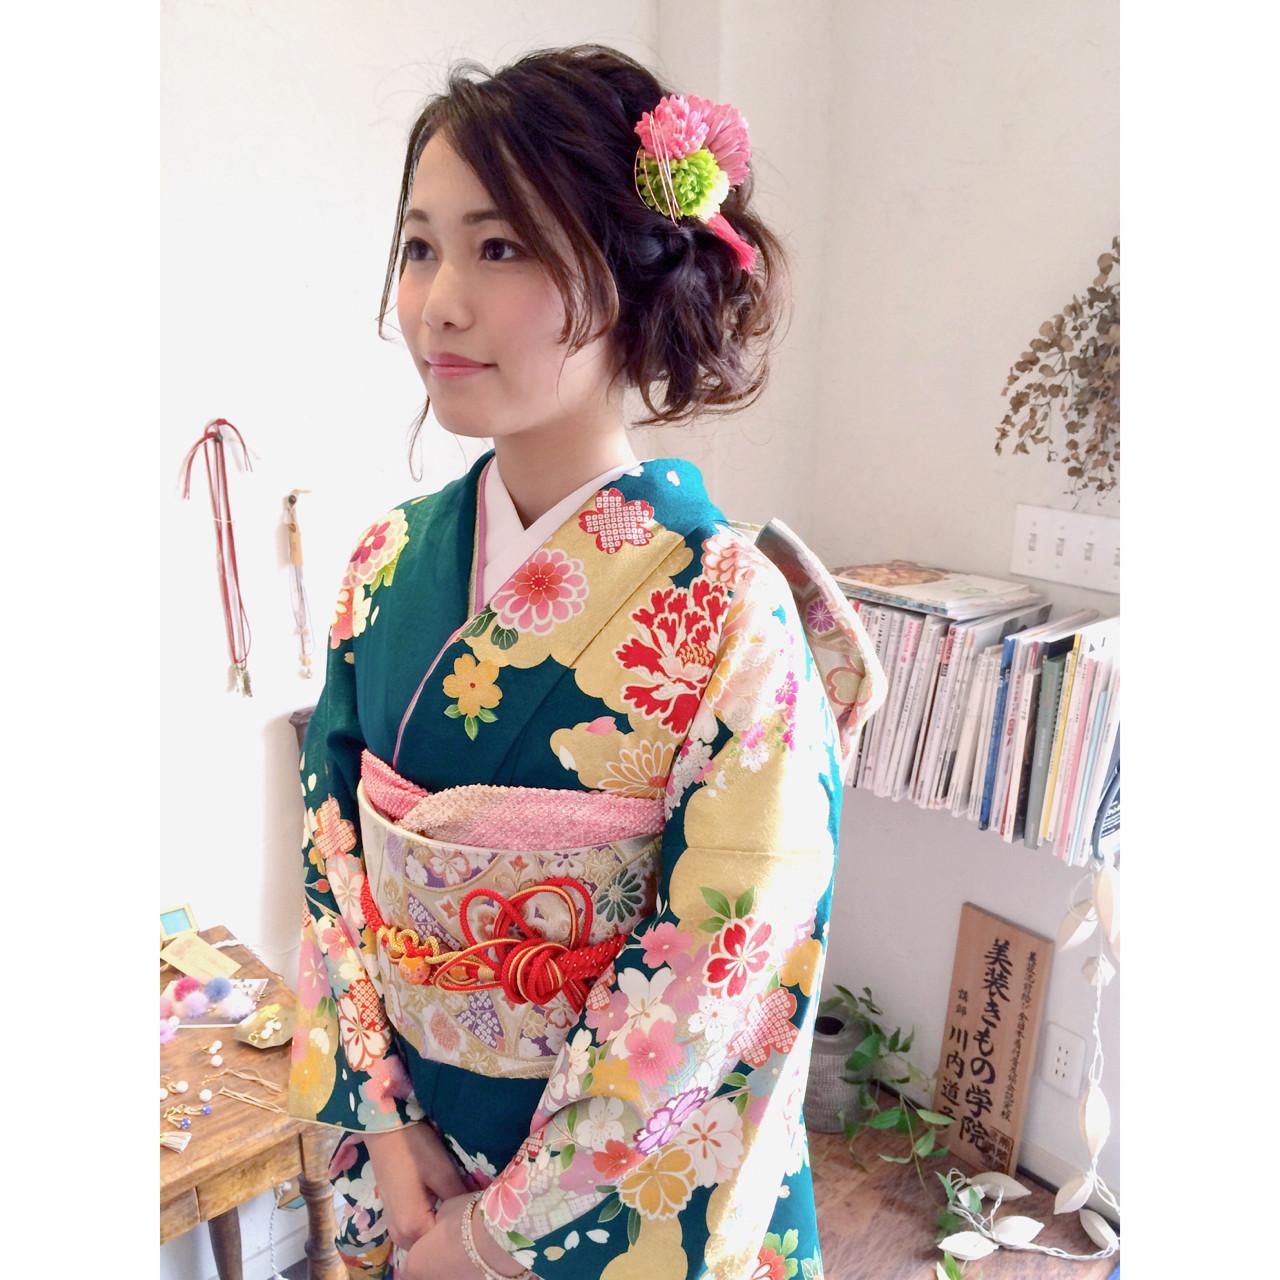 【髪型カタログ】着物に似合うショートのおすすめ髪型アレンジ特集 川内道子